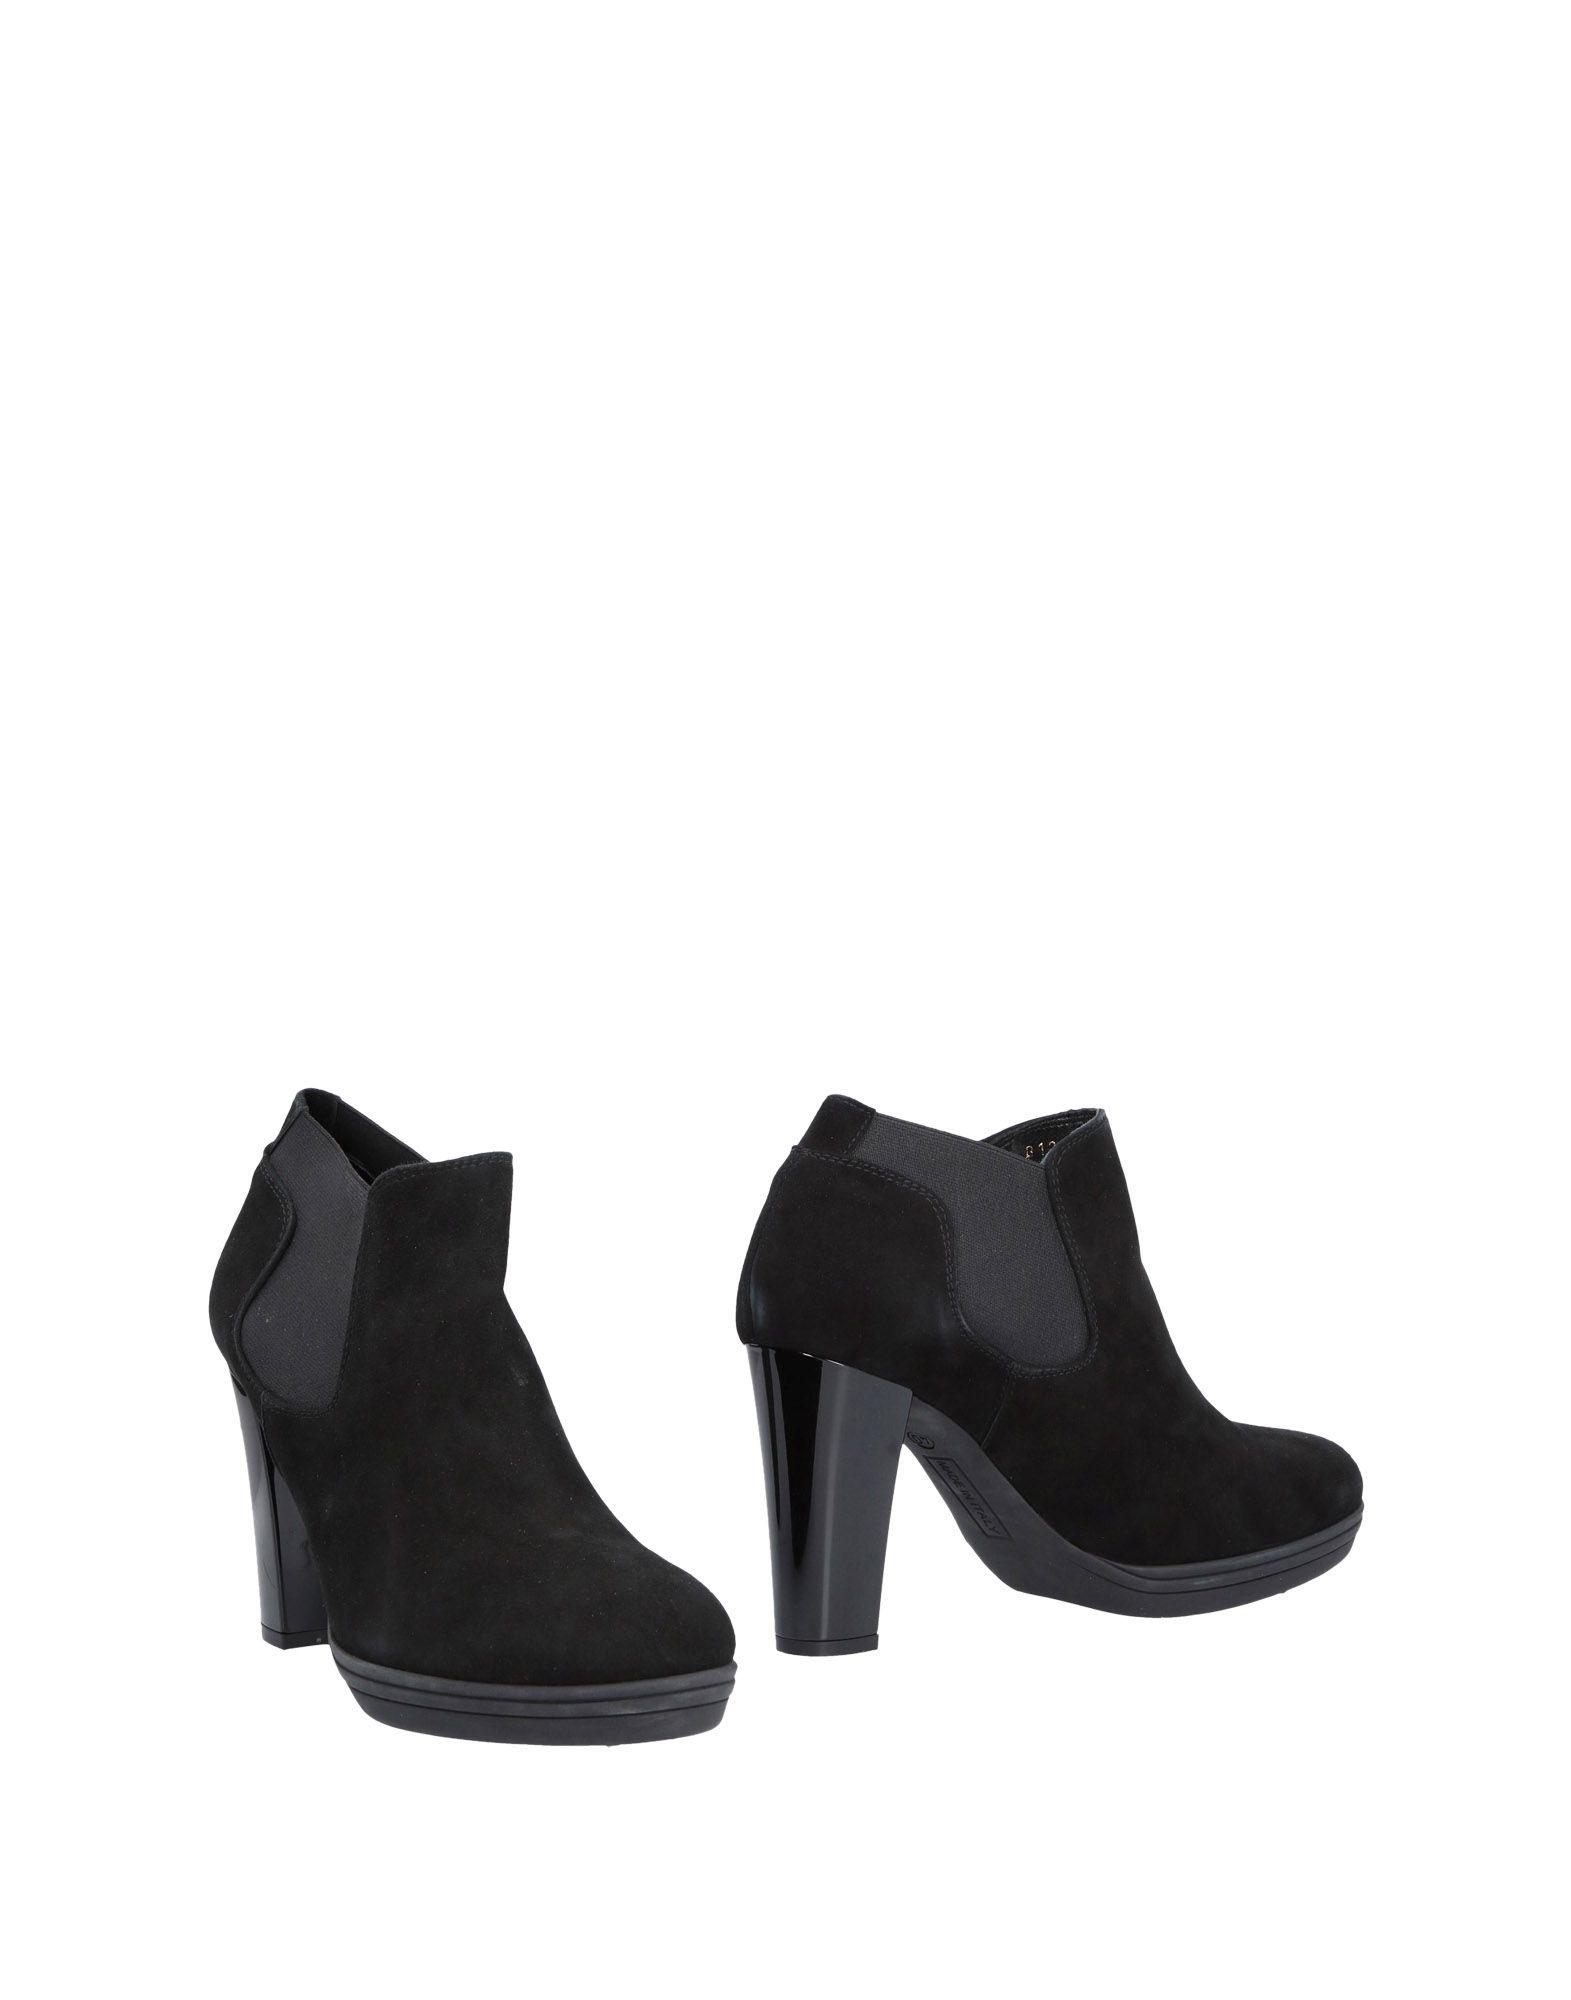 Gut um billige Schuhe zu tragenAngelo  Bervicato Chelsea Boots Damen  tragenAngelo 11471239HD d8d2bd